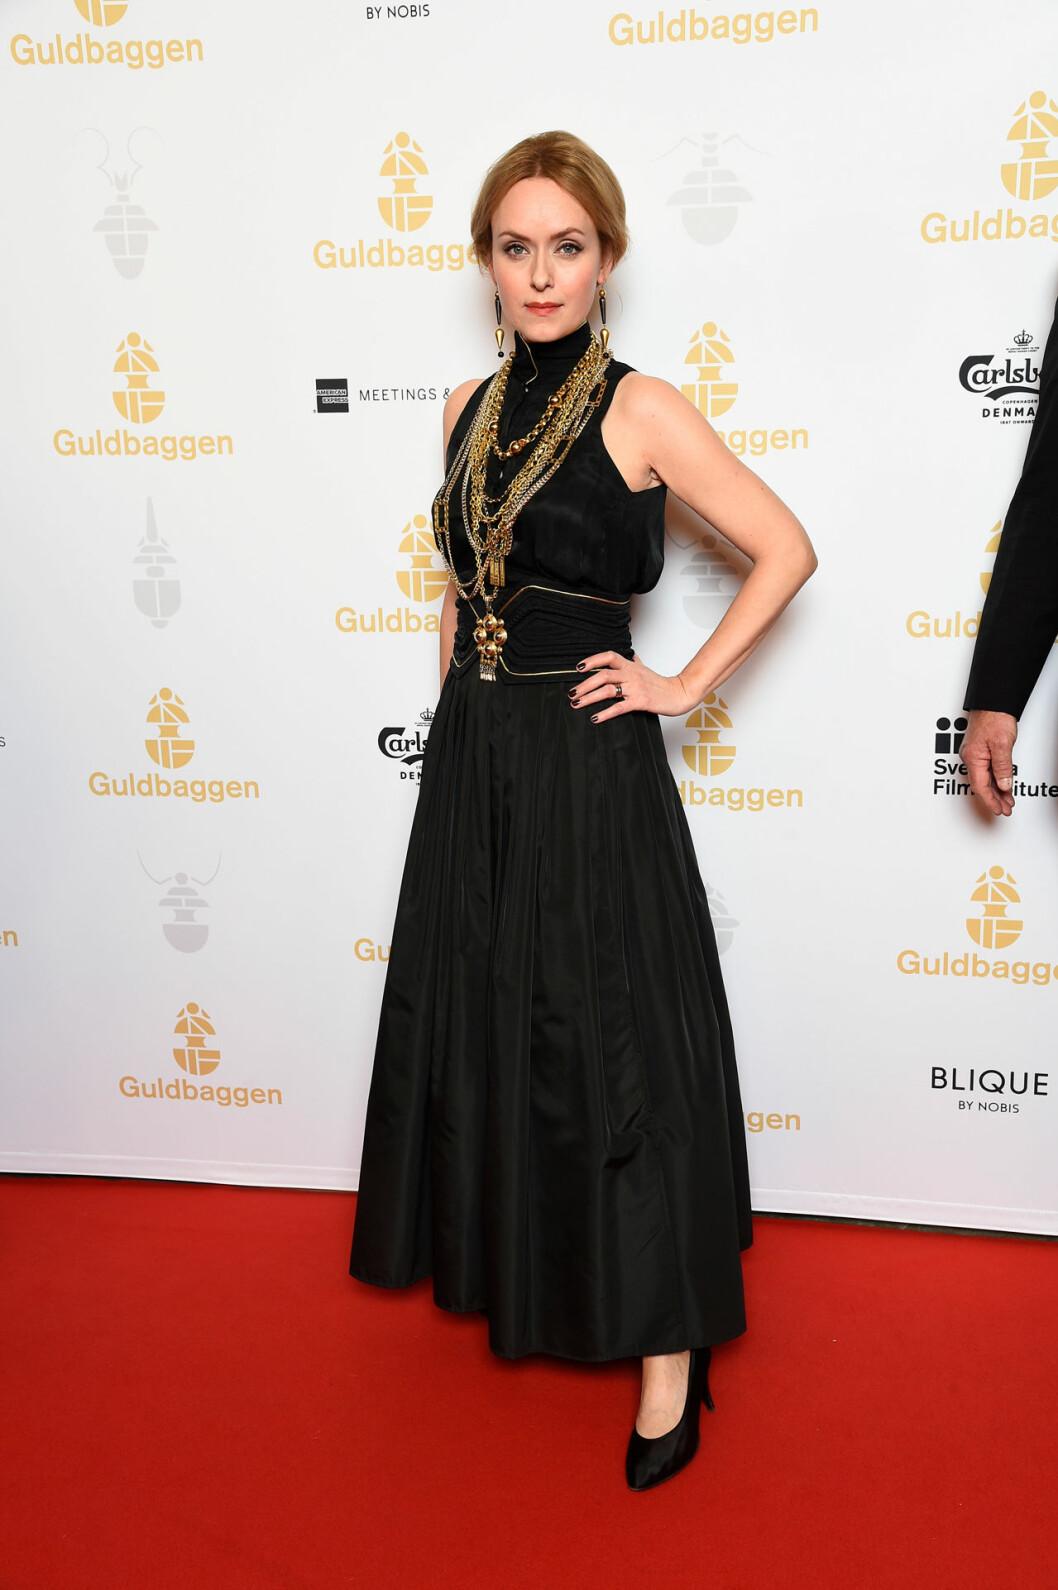 Livia Millhagen på röda mattan på Guldbaggegalan 2020